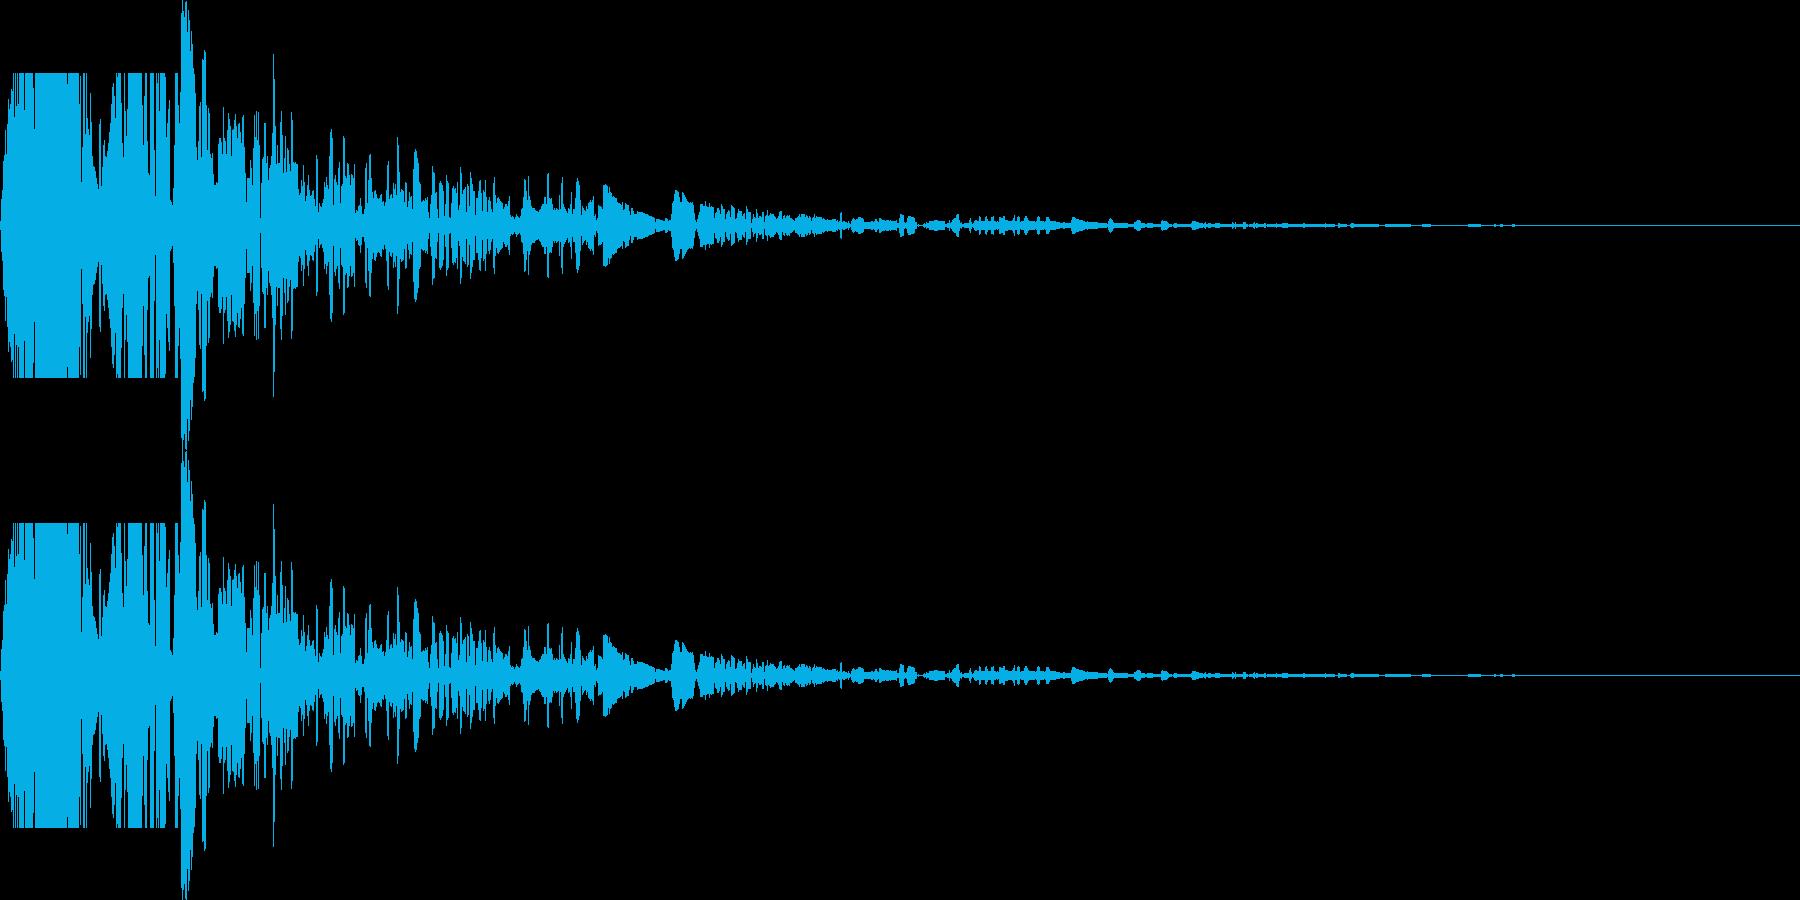 ドサッ(落下や倒れる衝撃音)06の再生済みの波形